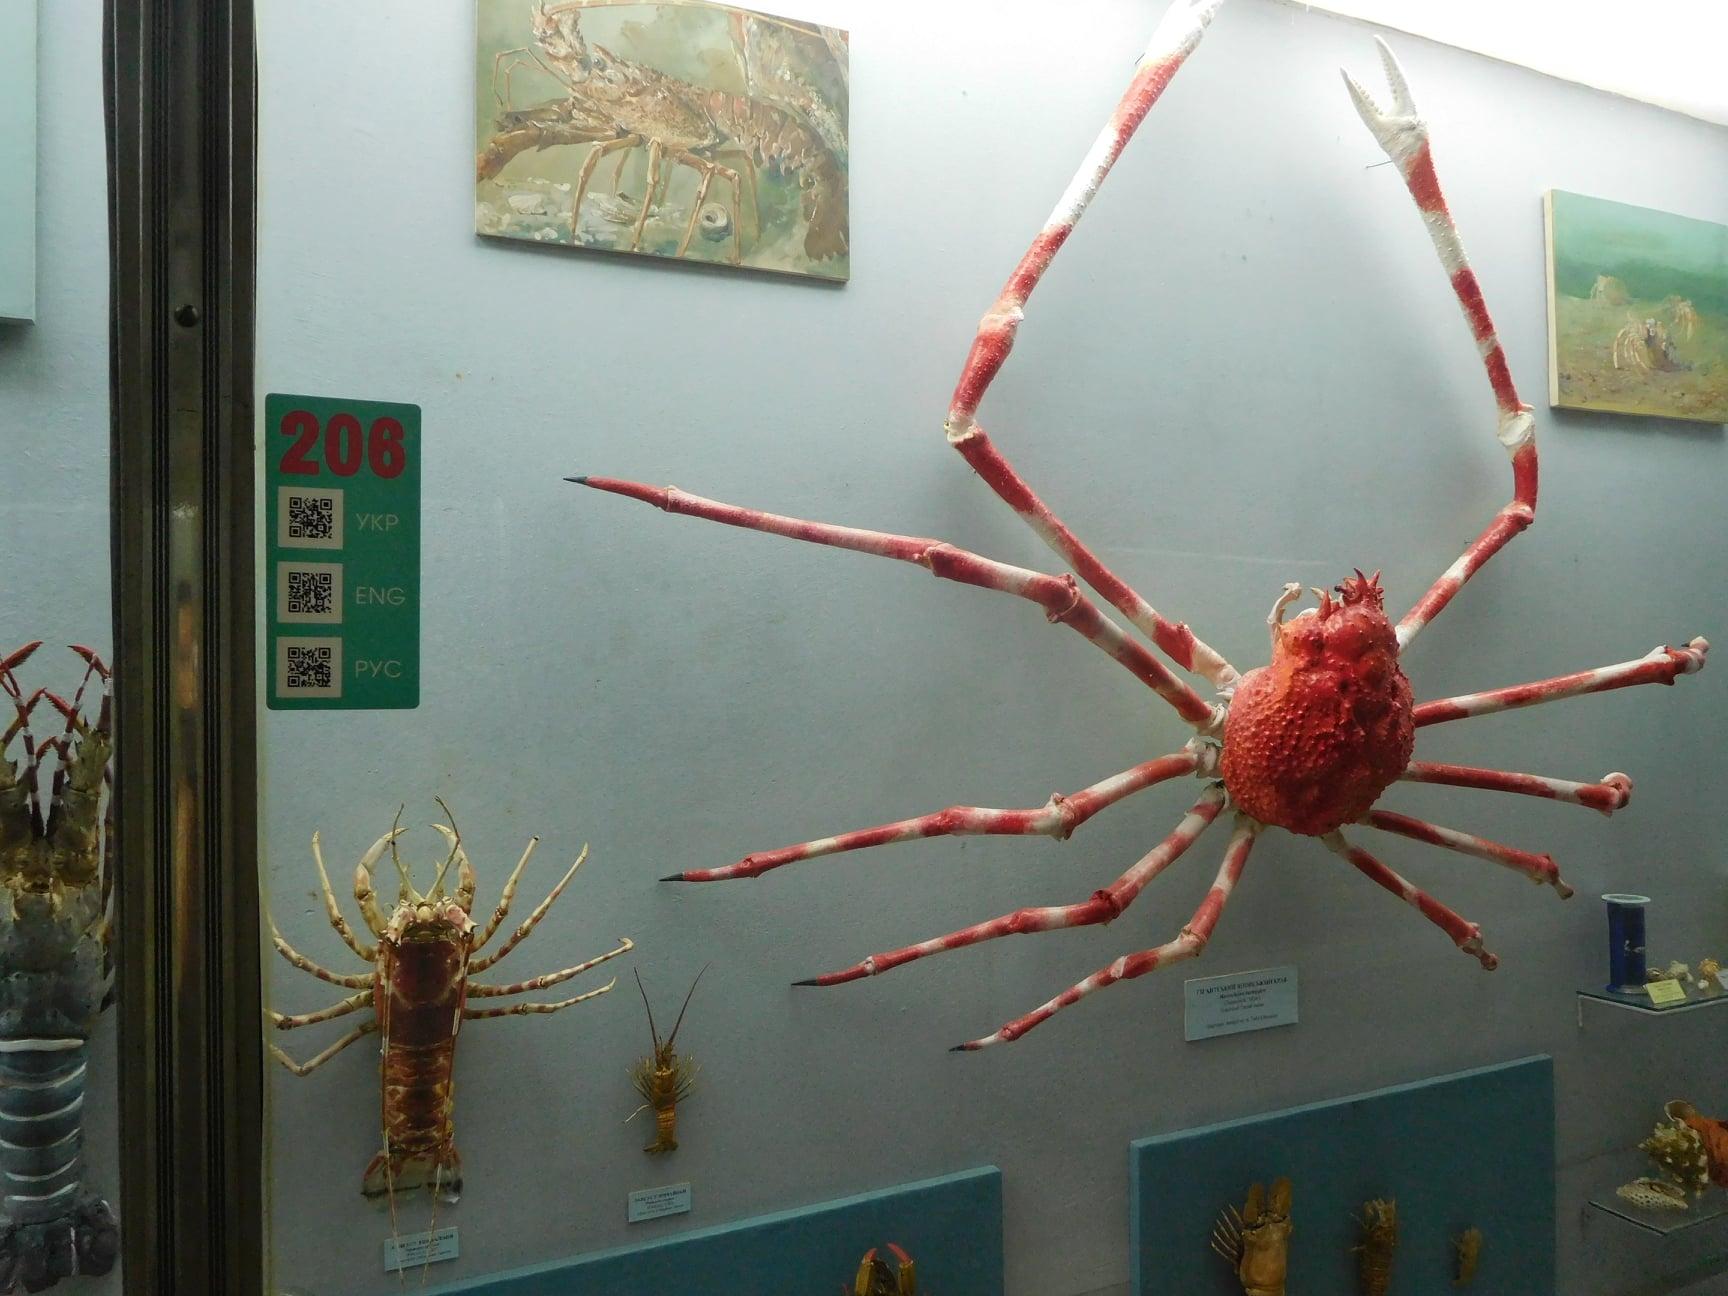 У науково-природничому музеї Києва з'явився безкоштовний аудіогід -  - 107622733 1398619843666901 315786545547841436 o